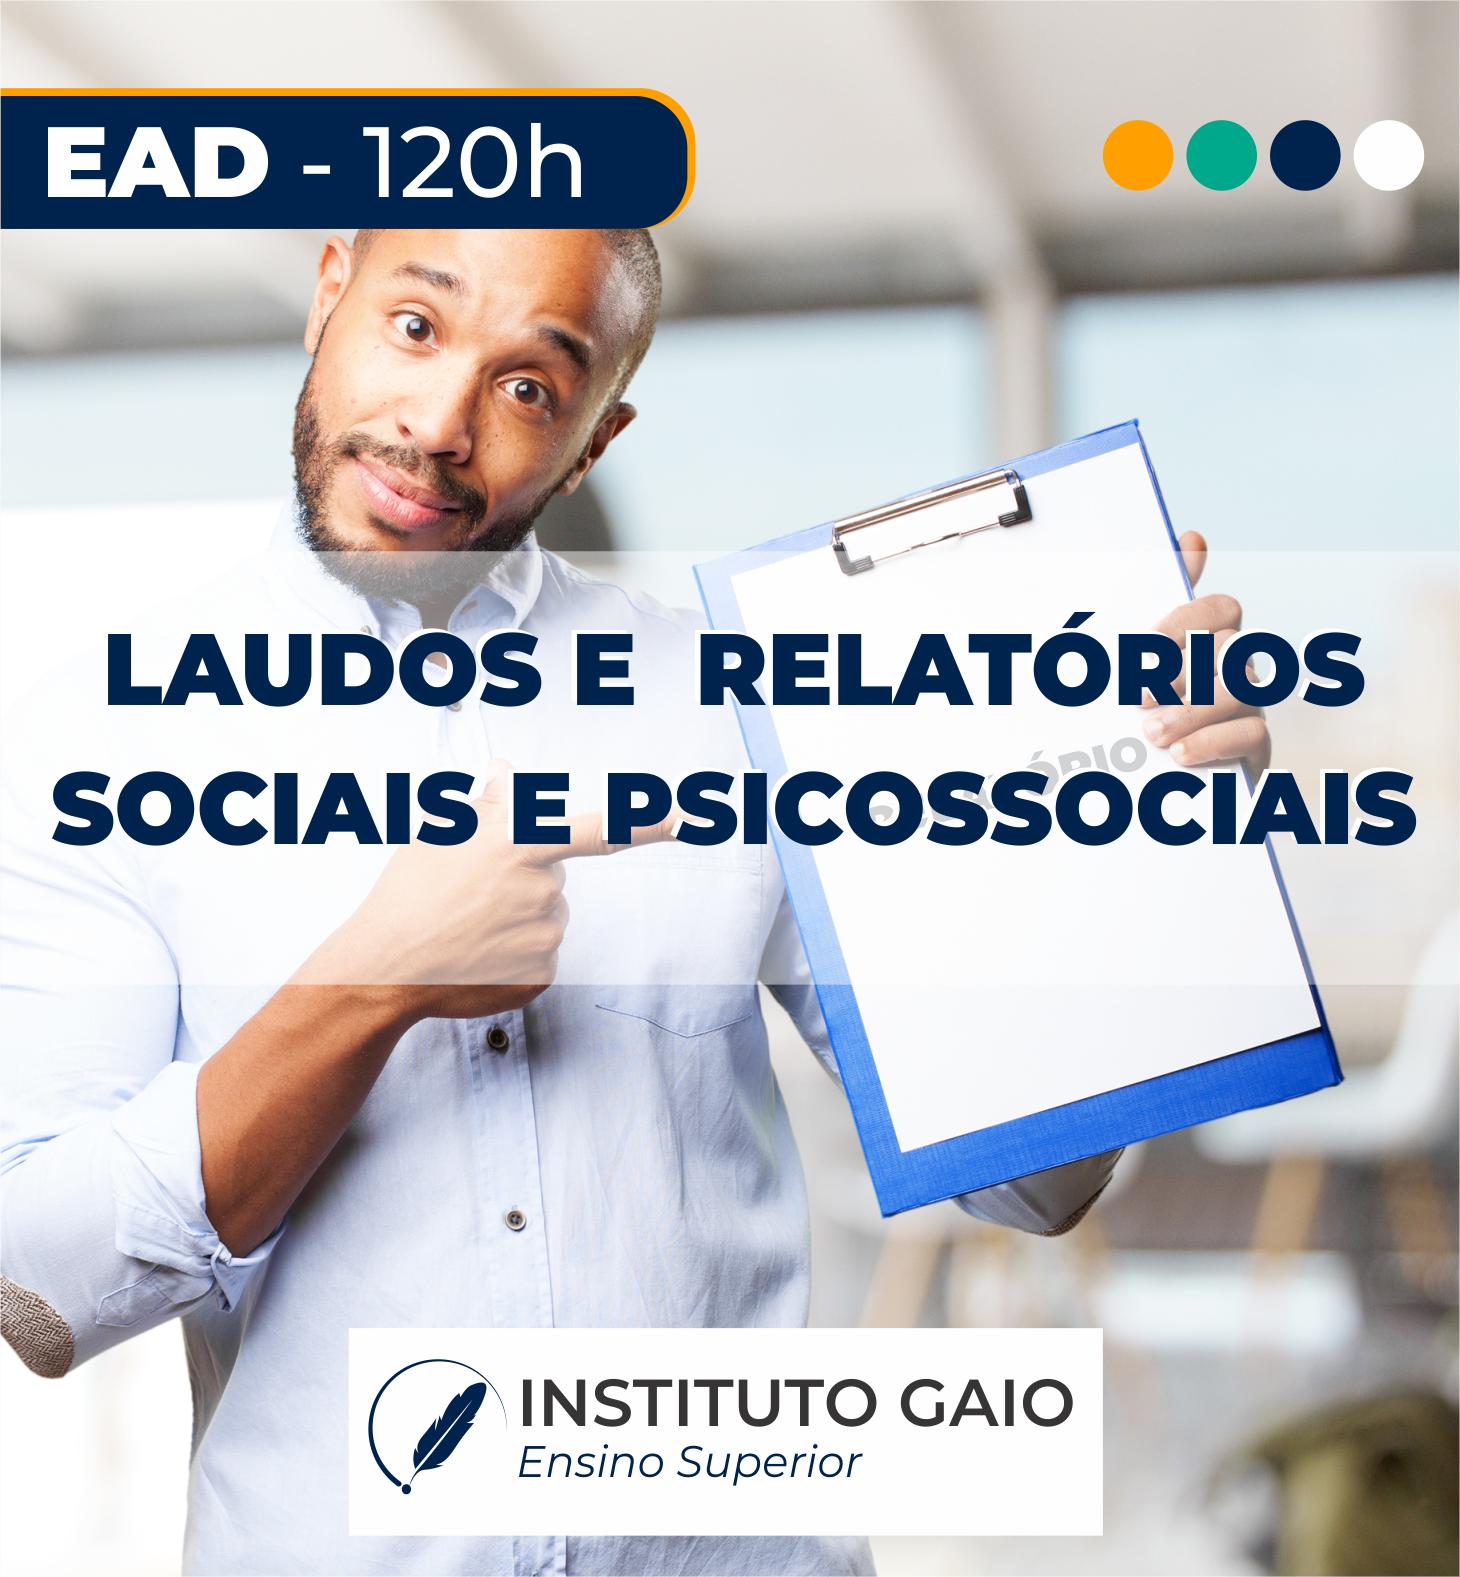 CURSO DE ELABORAÇÃO DE ESTUDO, RELATÓRIOS, LAUDOS E PARECERES SOCIAIS – 120h – EAD